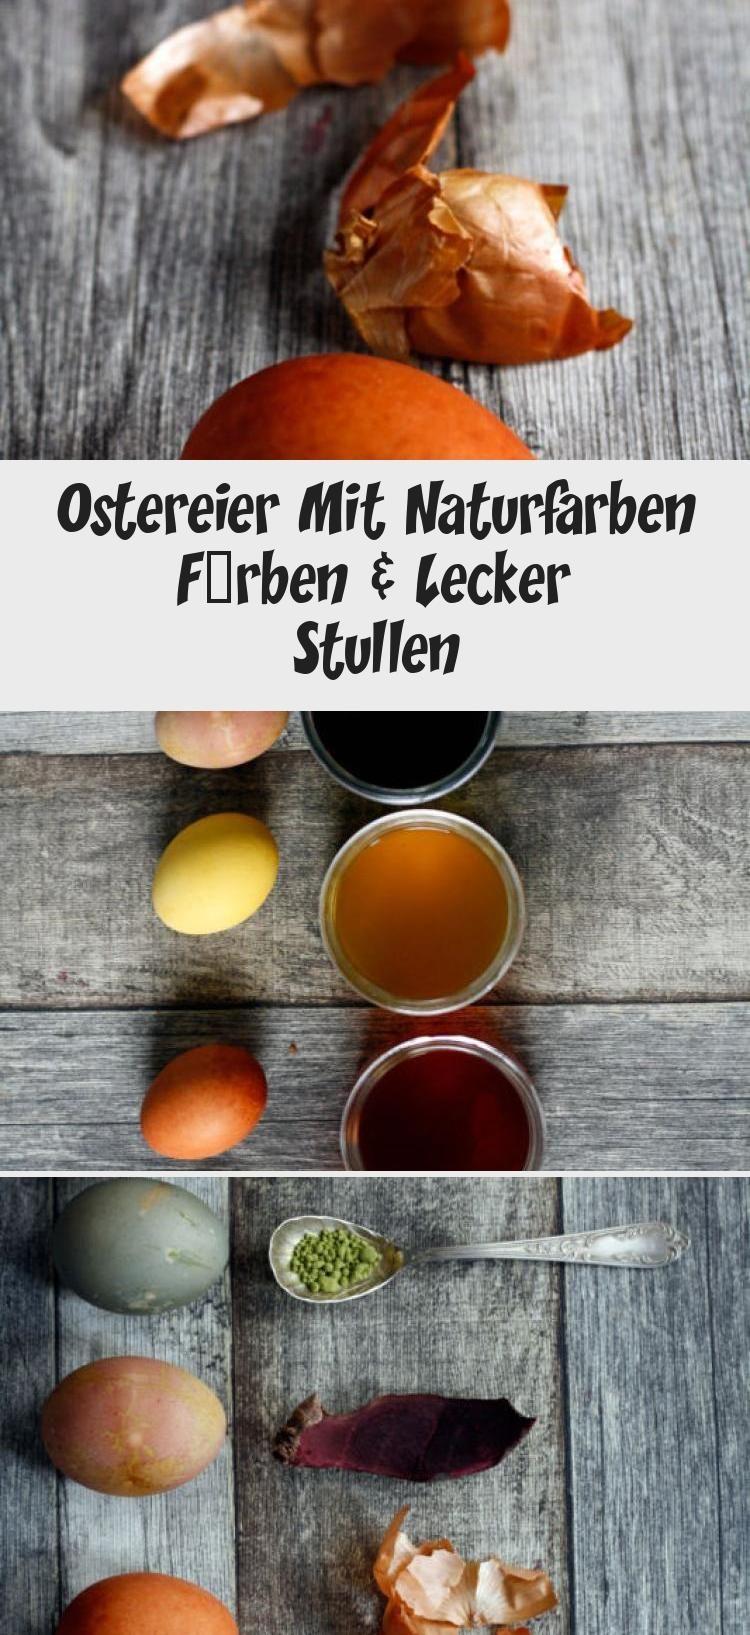 Ostereier Mit Naturfarben Färben & Lecker Stullen